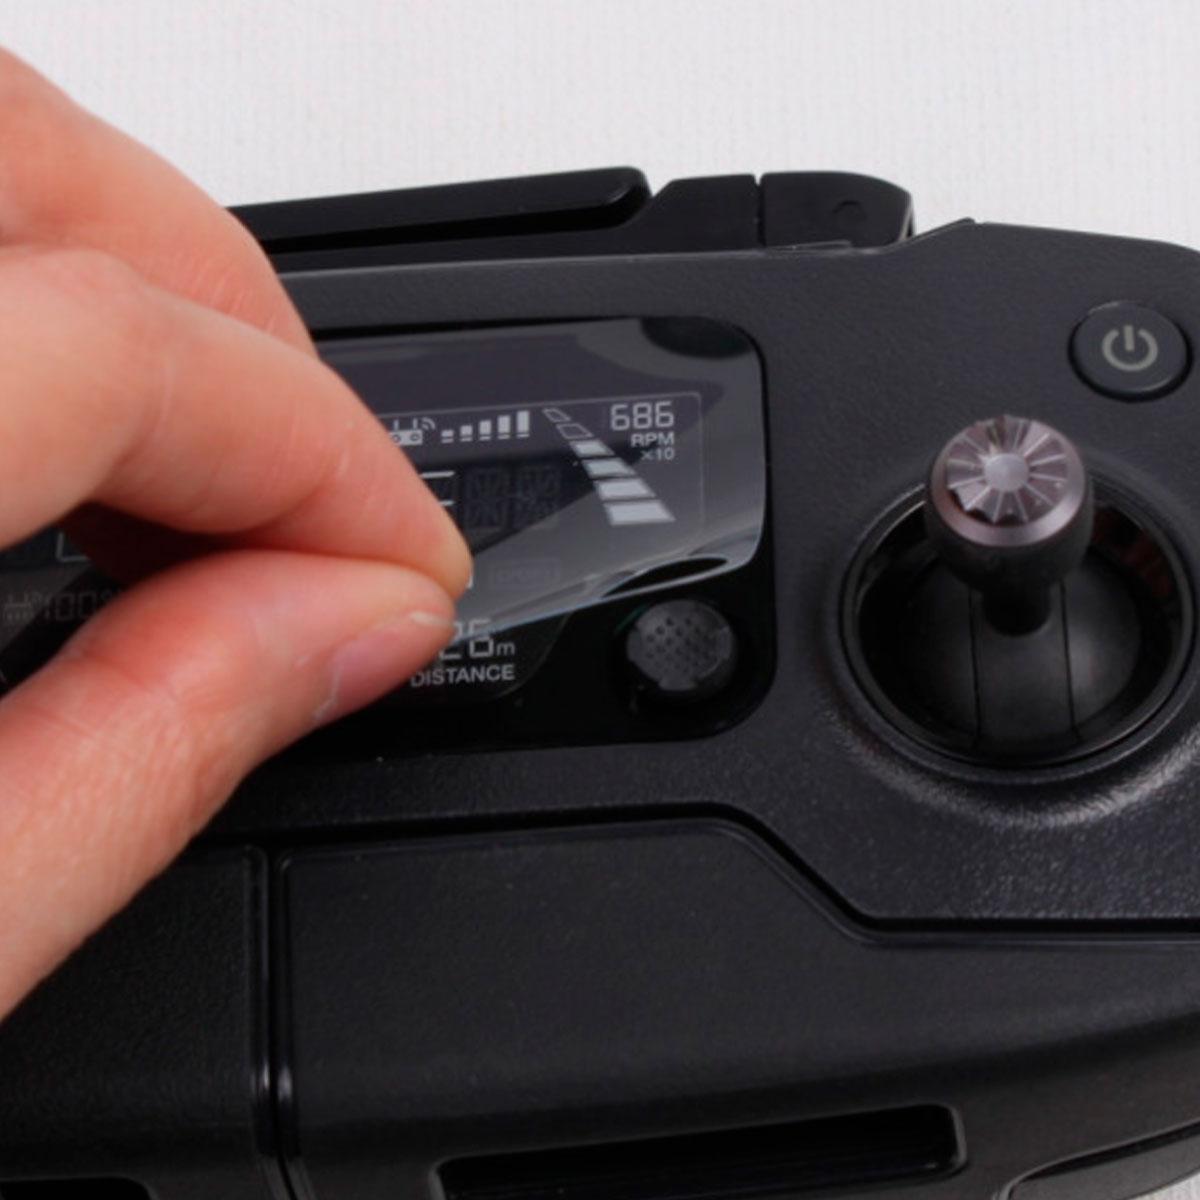 Película de Proteção - Lente e Controle - Drone DJI Mavic Pro - 5 Peças